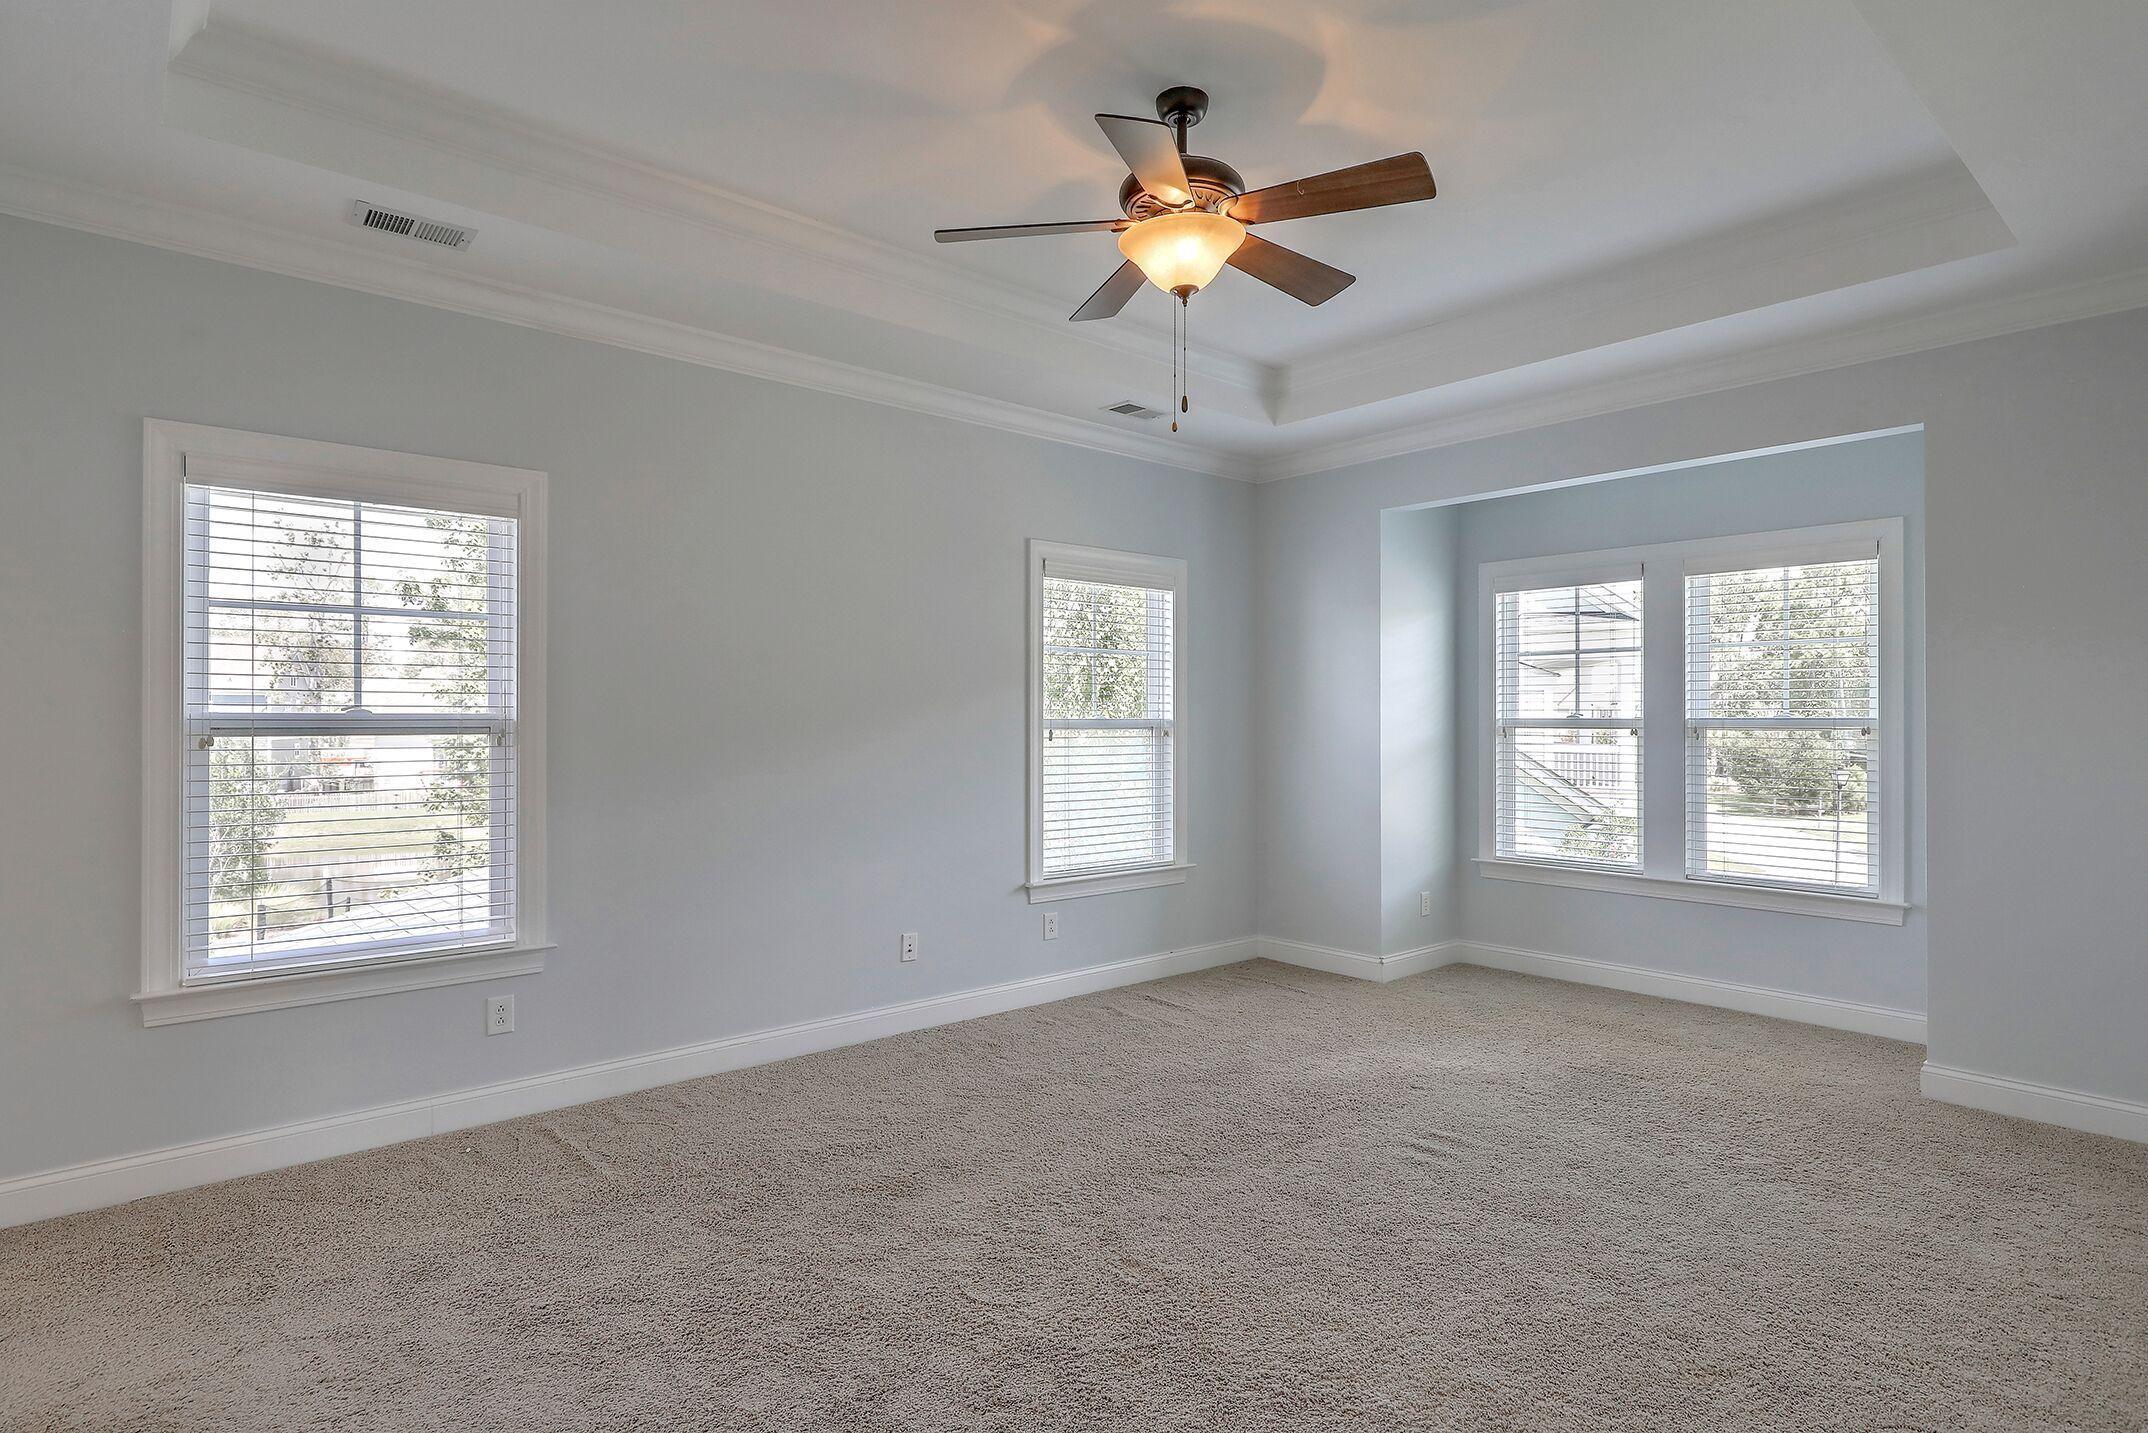 Dunes West Homes For Sale - 2970 Sturbridge, Mount Pleasant, SC - 3